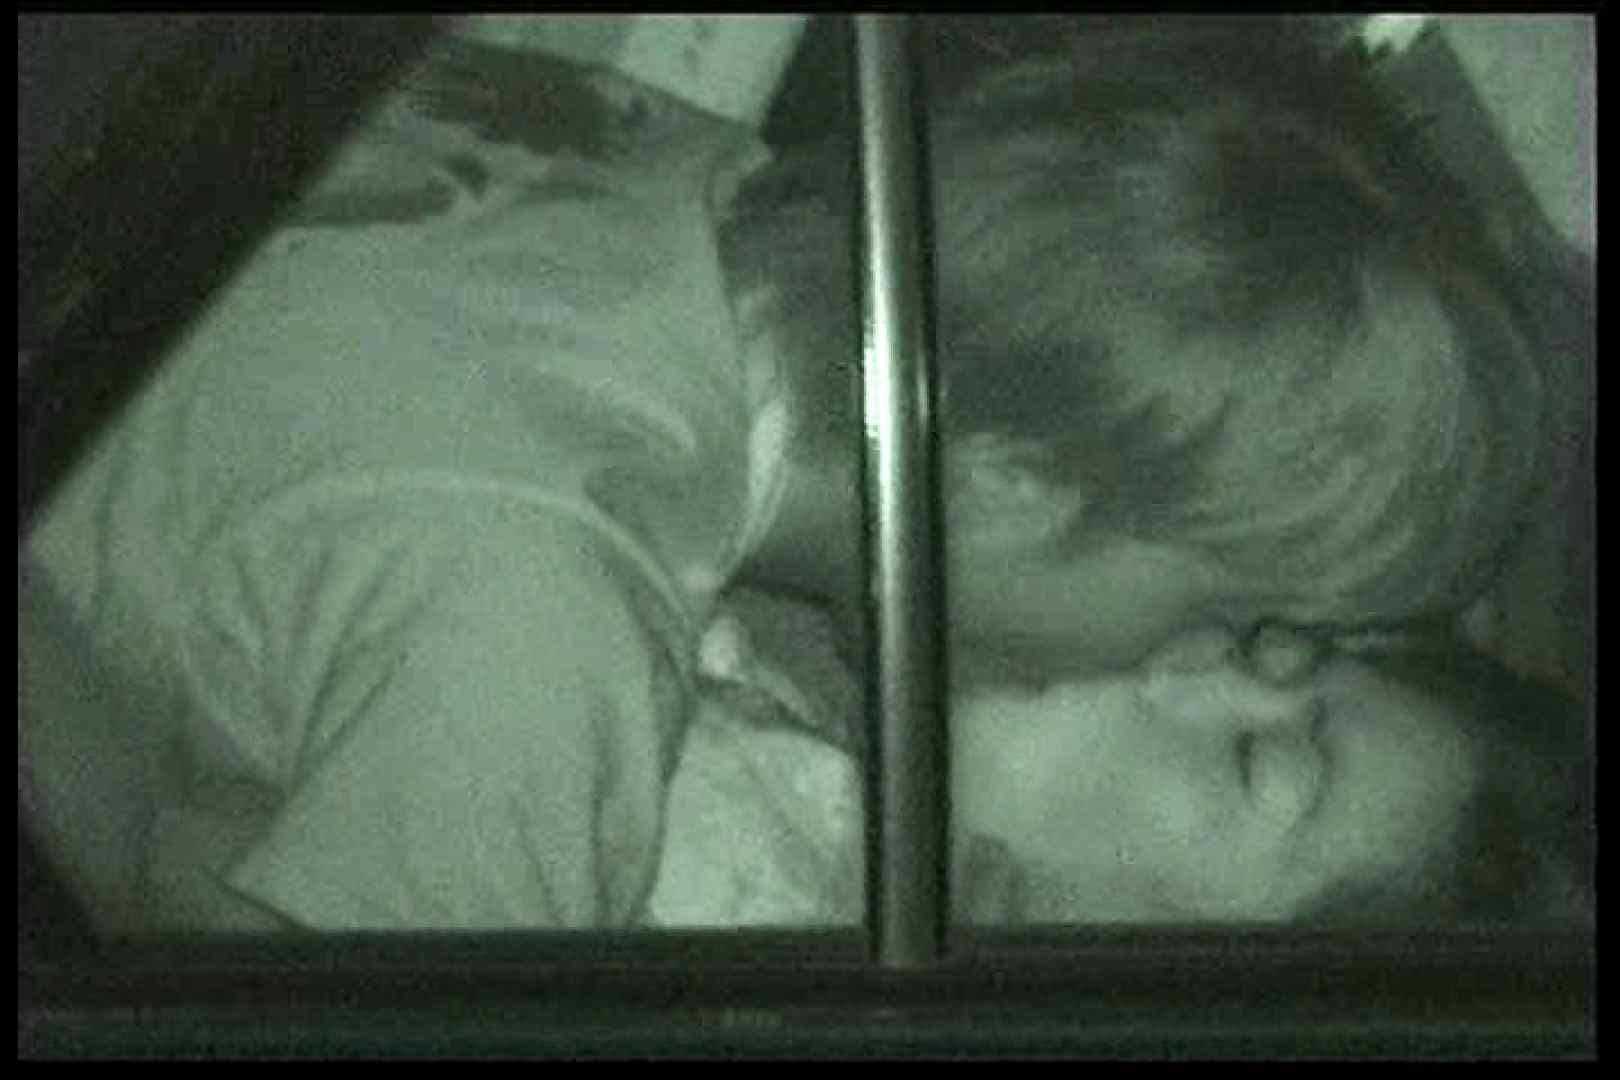 車の中はラブホテル 無修正版  Vol.13 マンコ映像 のぞき動画画像 80連発 21